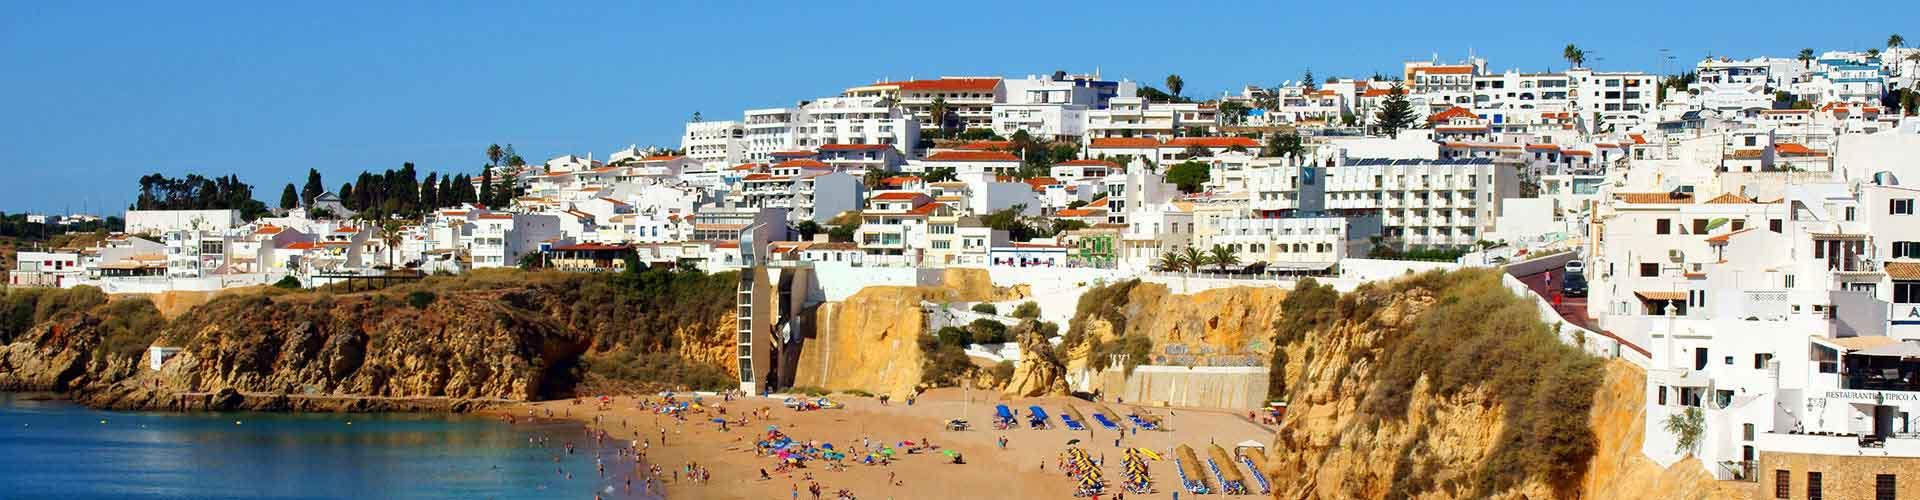 Faro - Hôtels à Faro. Cartes pour Faro, photos et commentaires pour chaque hôtel à Faro.